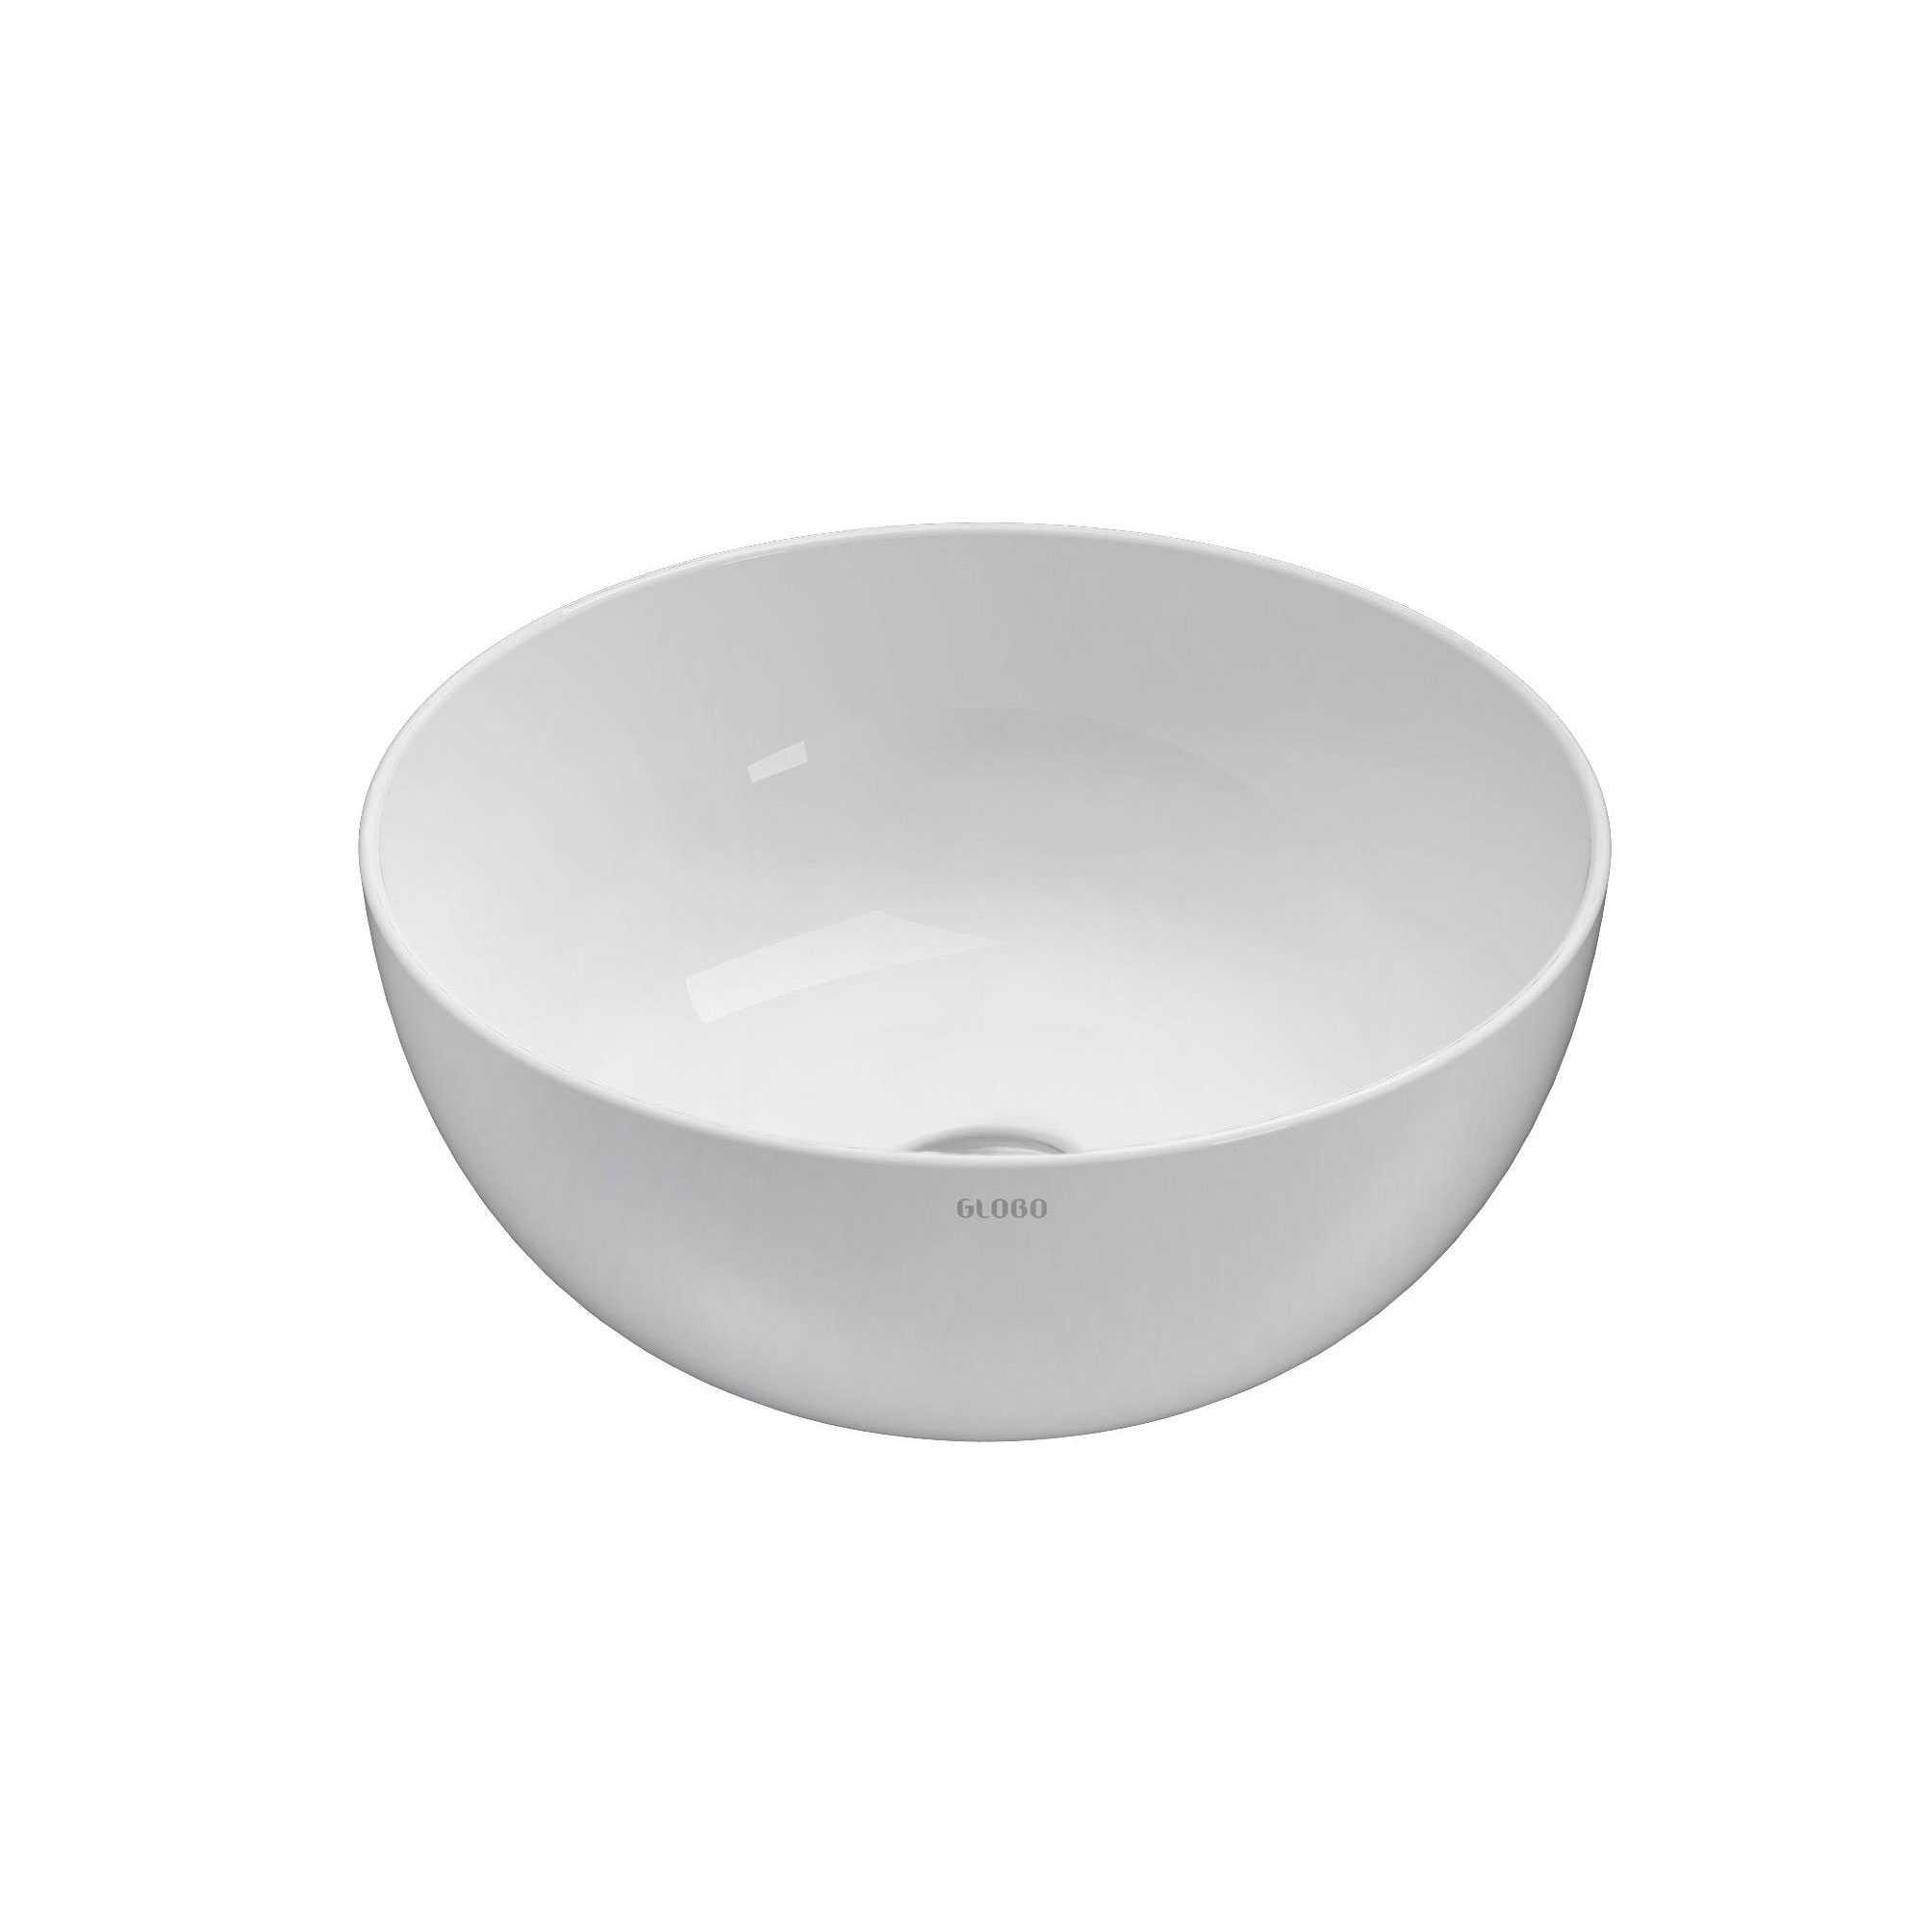 Lavabo da appoggio tondo T-Edge Ceramica Globo bordo sottille 6 mm